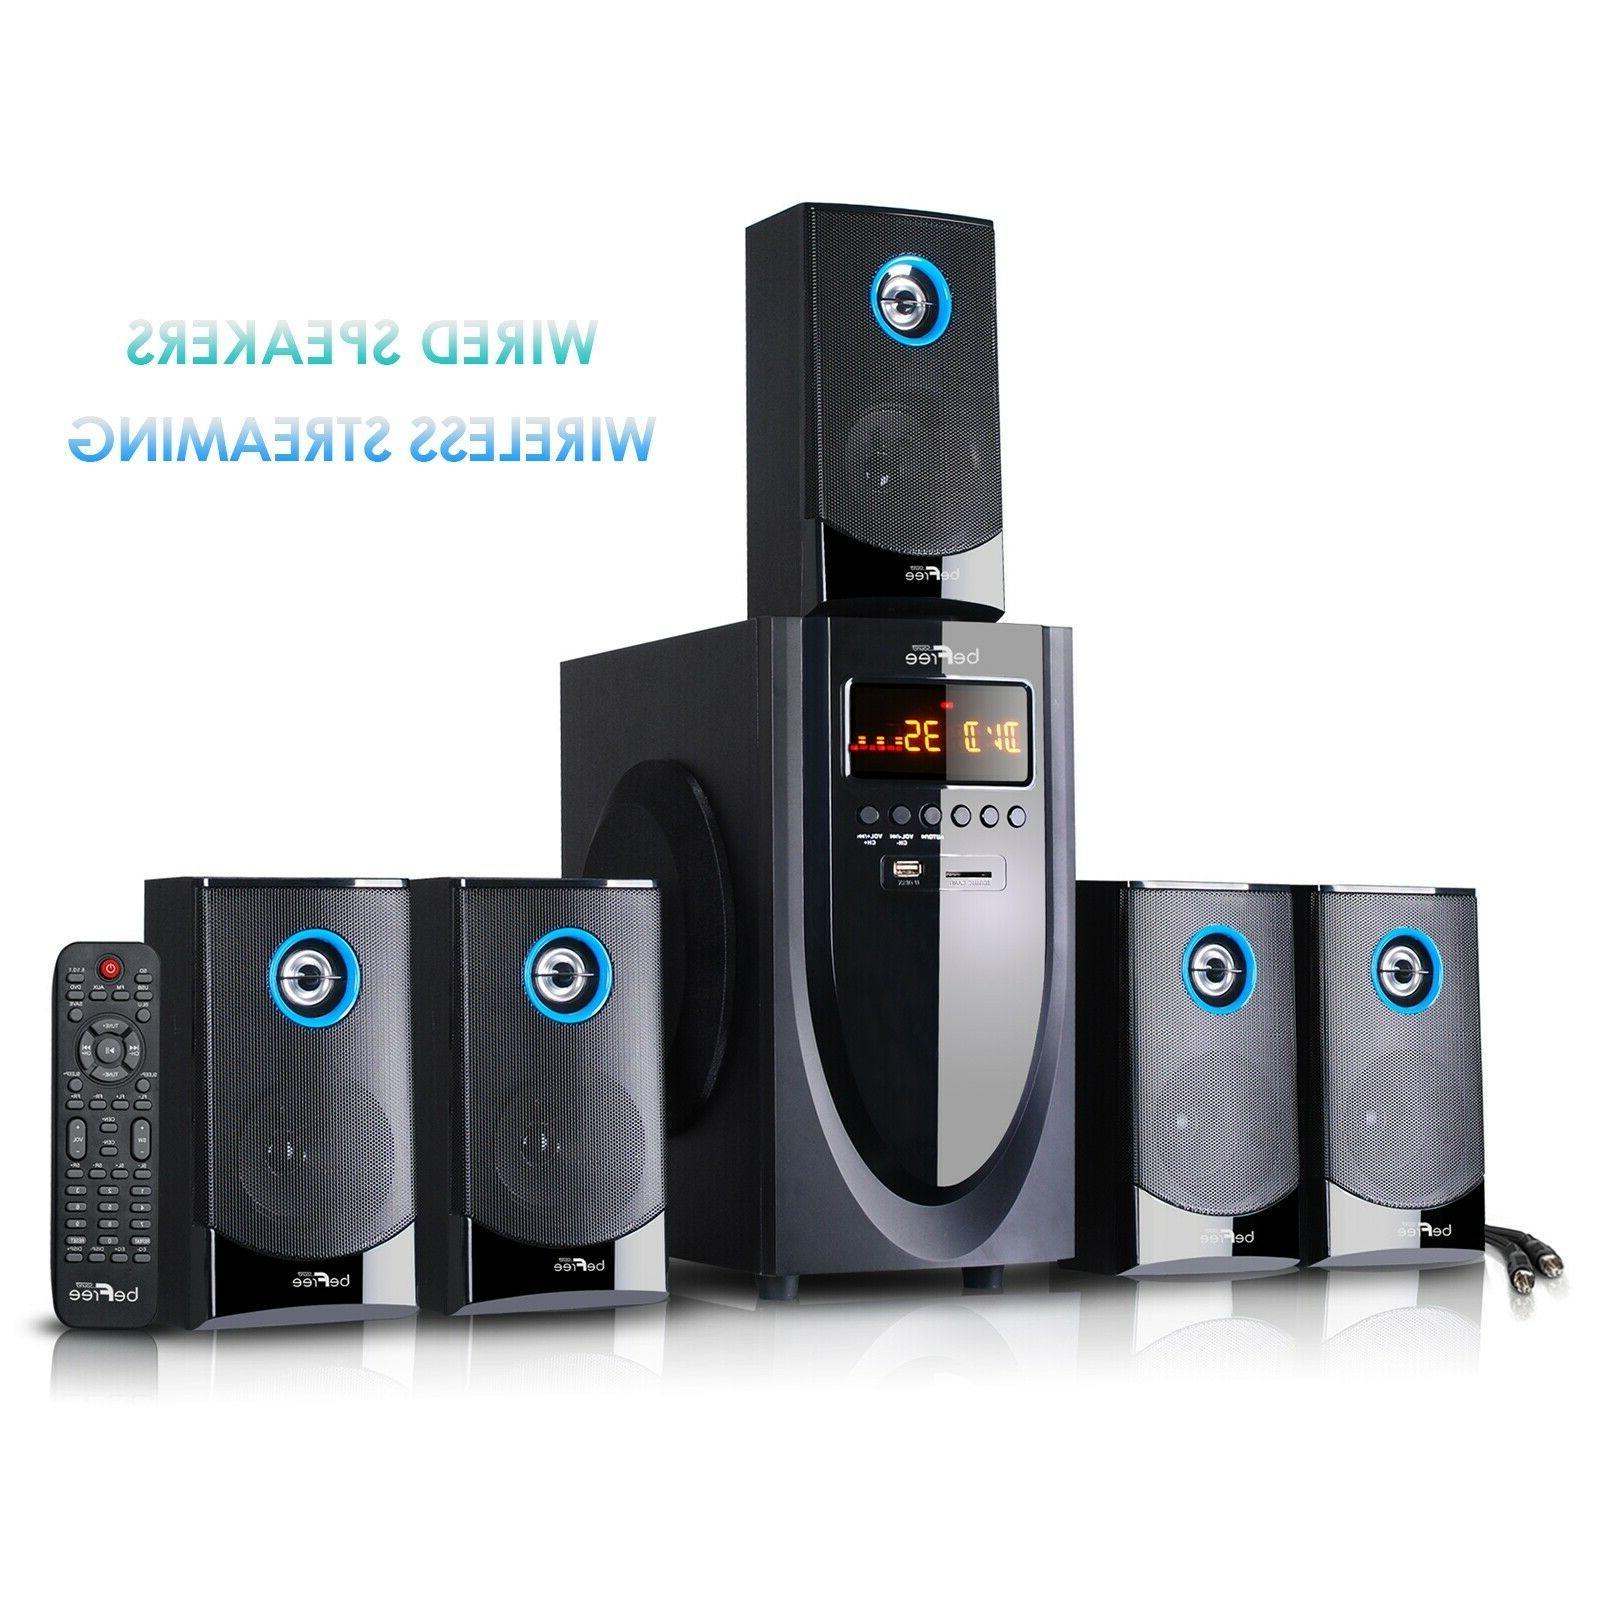 beFree Sound 5.1 Channel Surround Sound Speaker System with